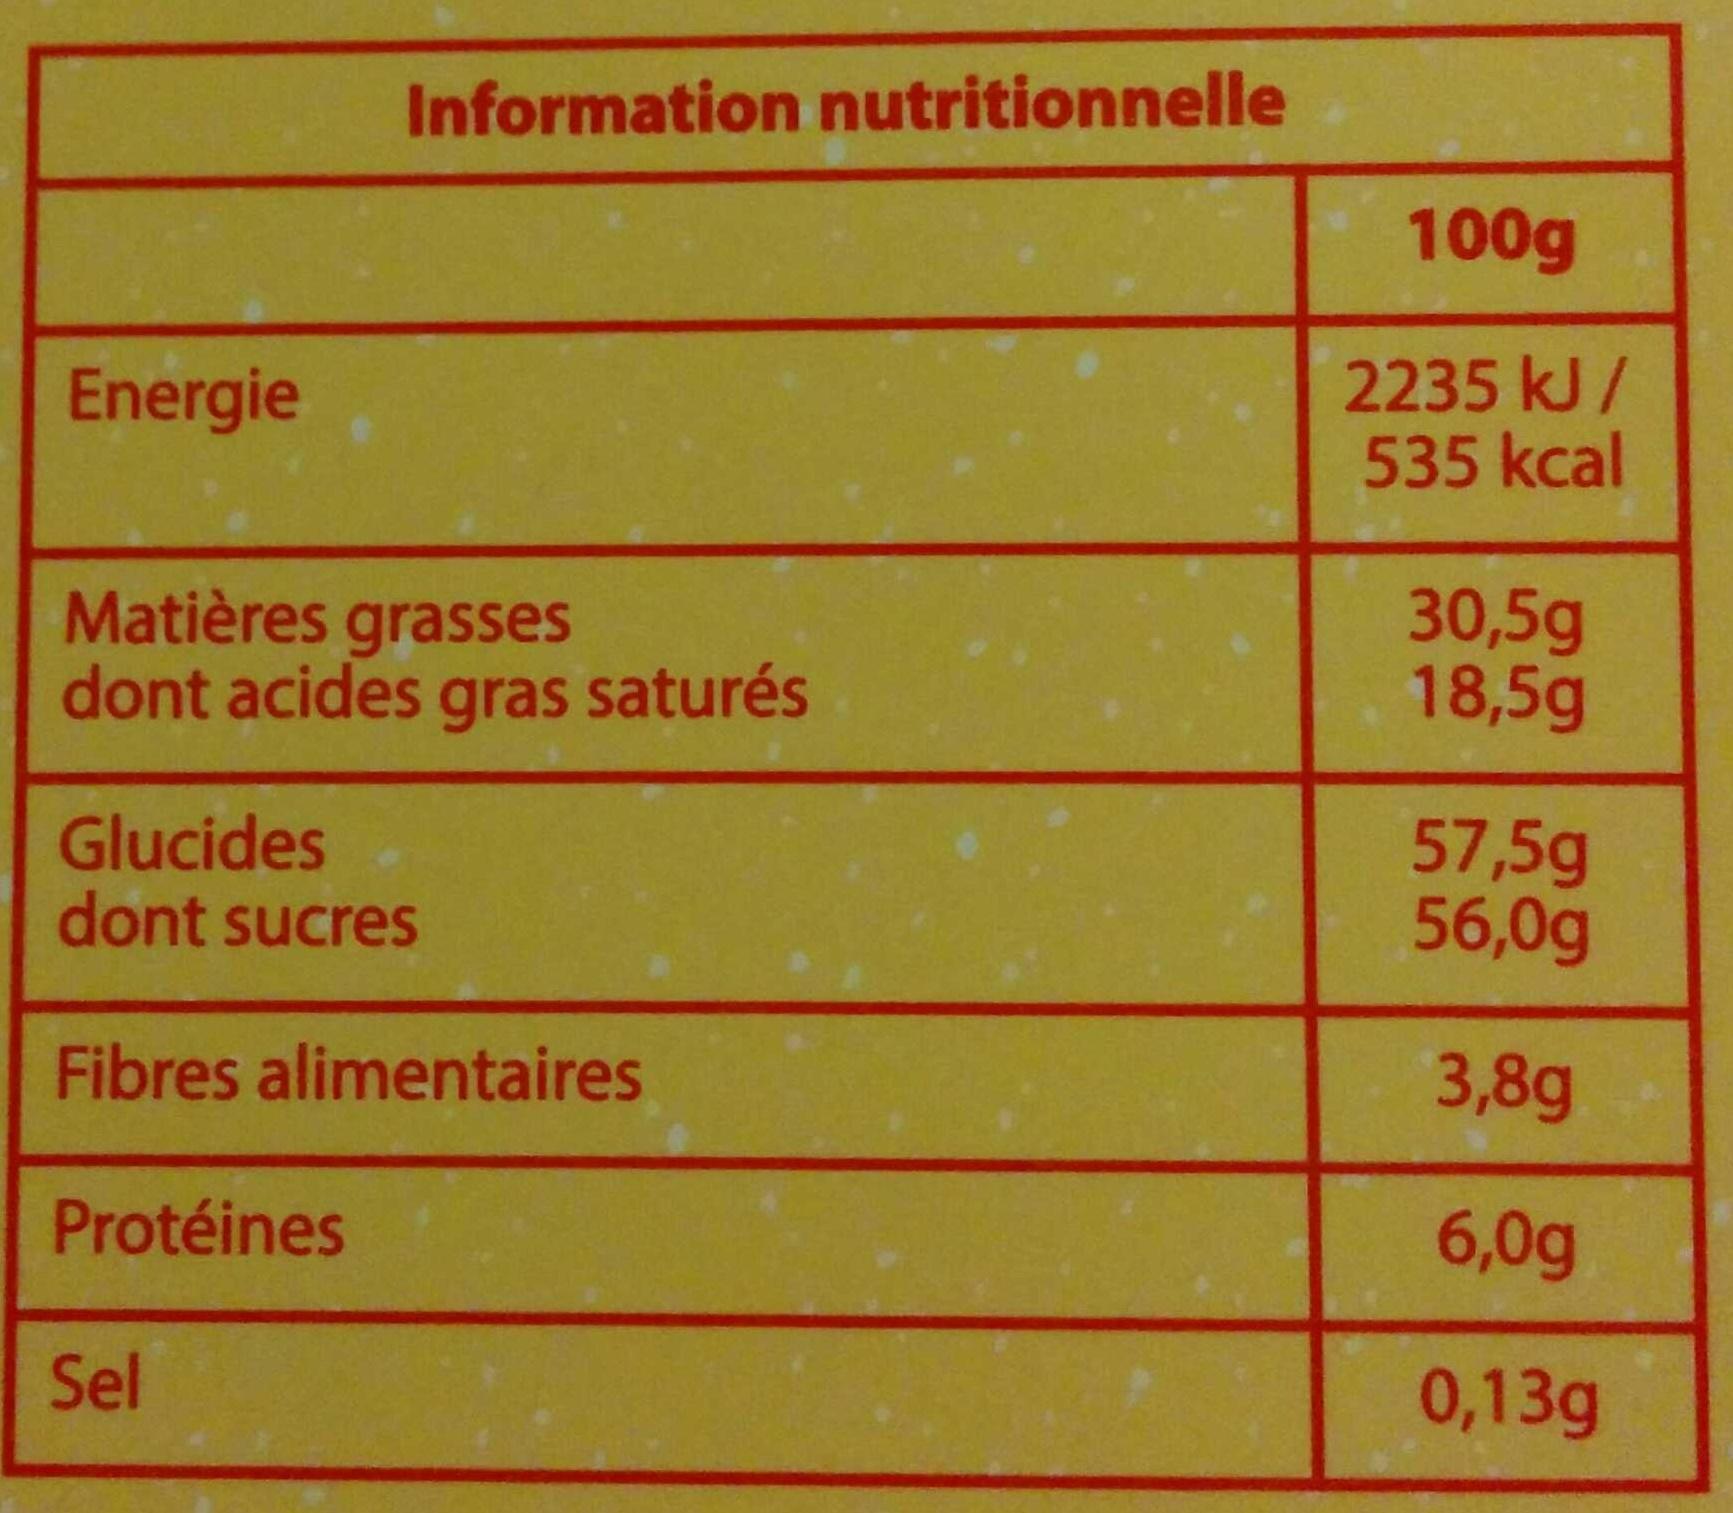 Assortiment Lait Noir Blanc - Informations nutritionnelles - fr